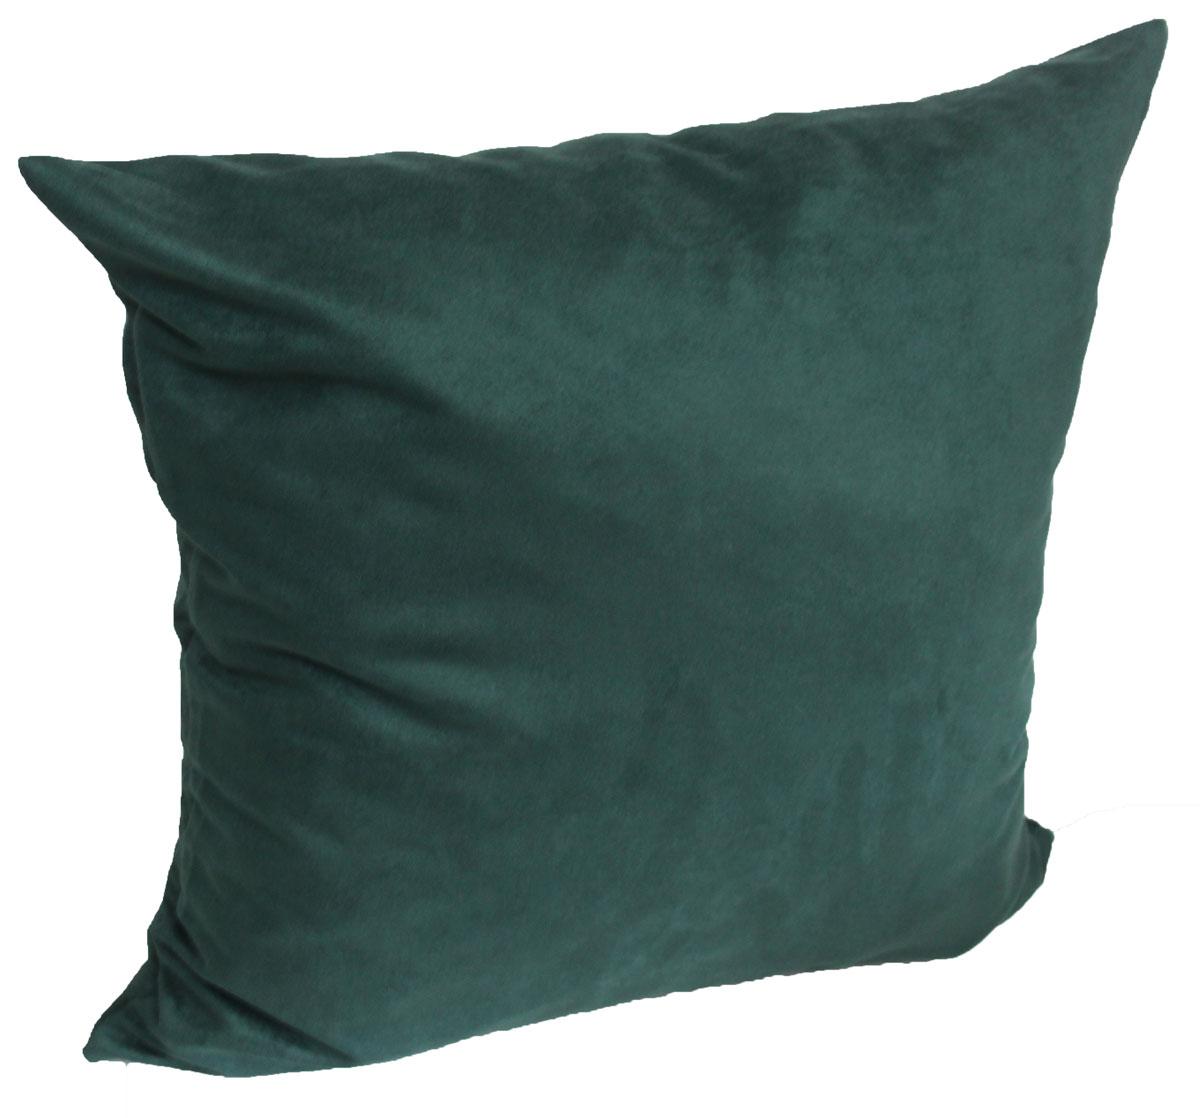 kissen dekokissen sofakissen 50 x 50 cm alcantara imitat dunkelgruen ebay. Black Bedroom Furniture Sets. Home Design Ideas